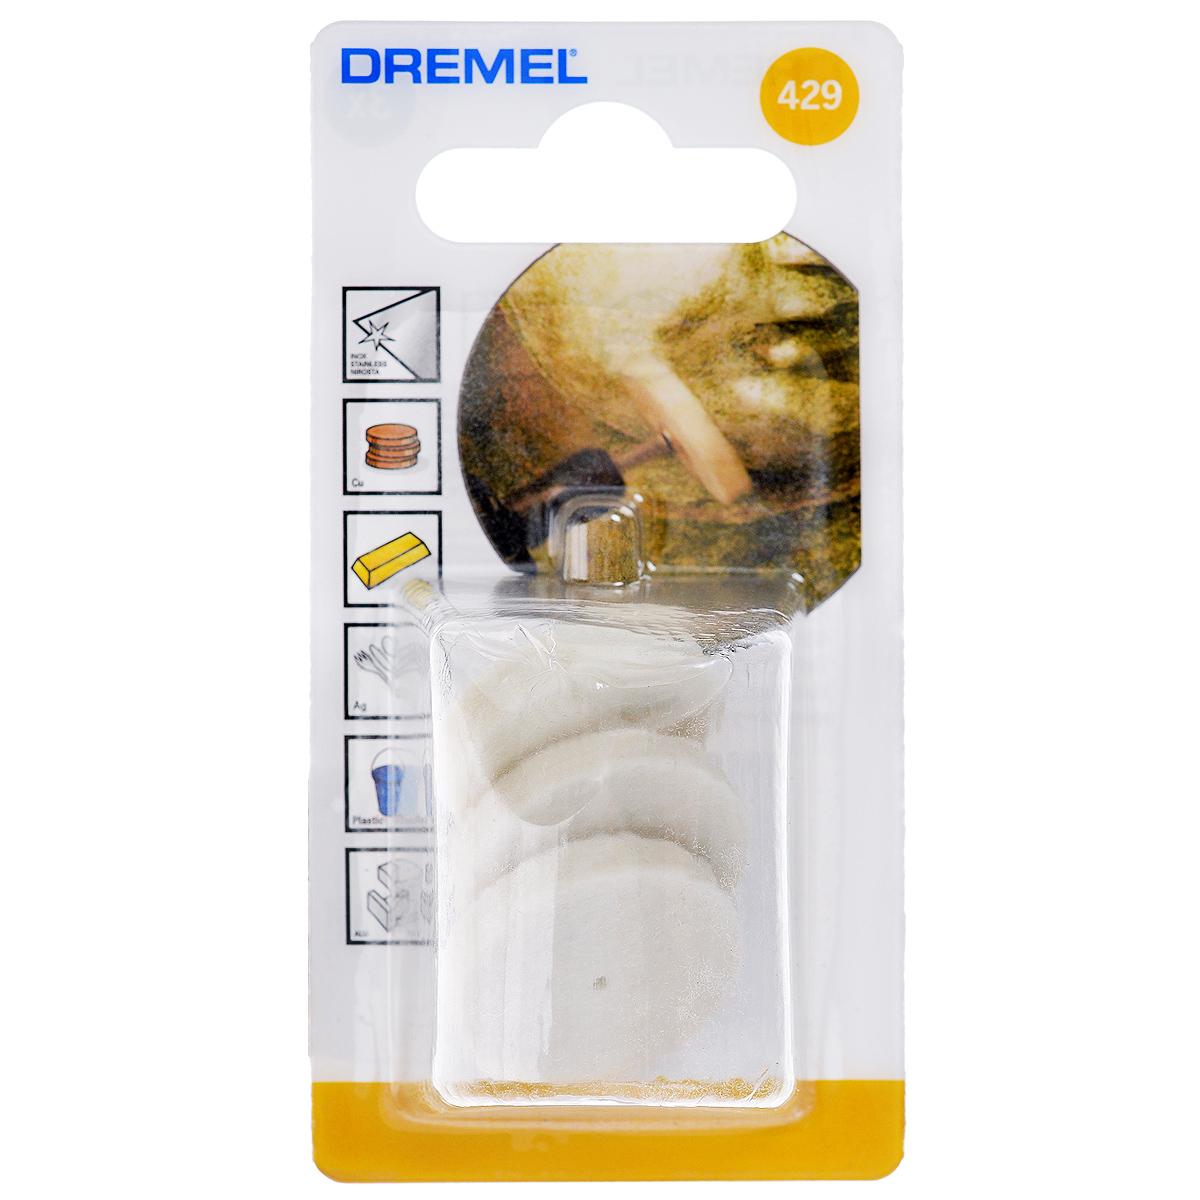 насадки для чистки и полировки Dremel 429 (26150429JA) 3 шт.